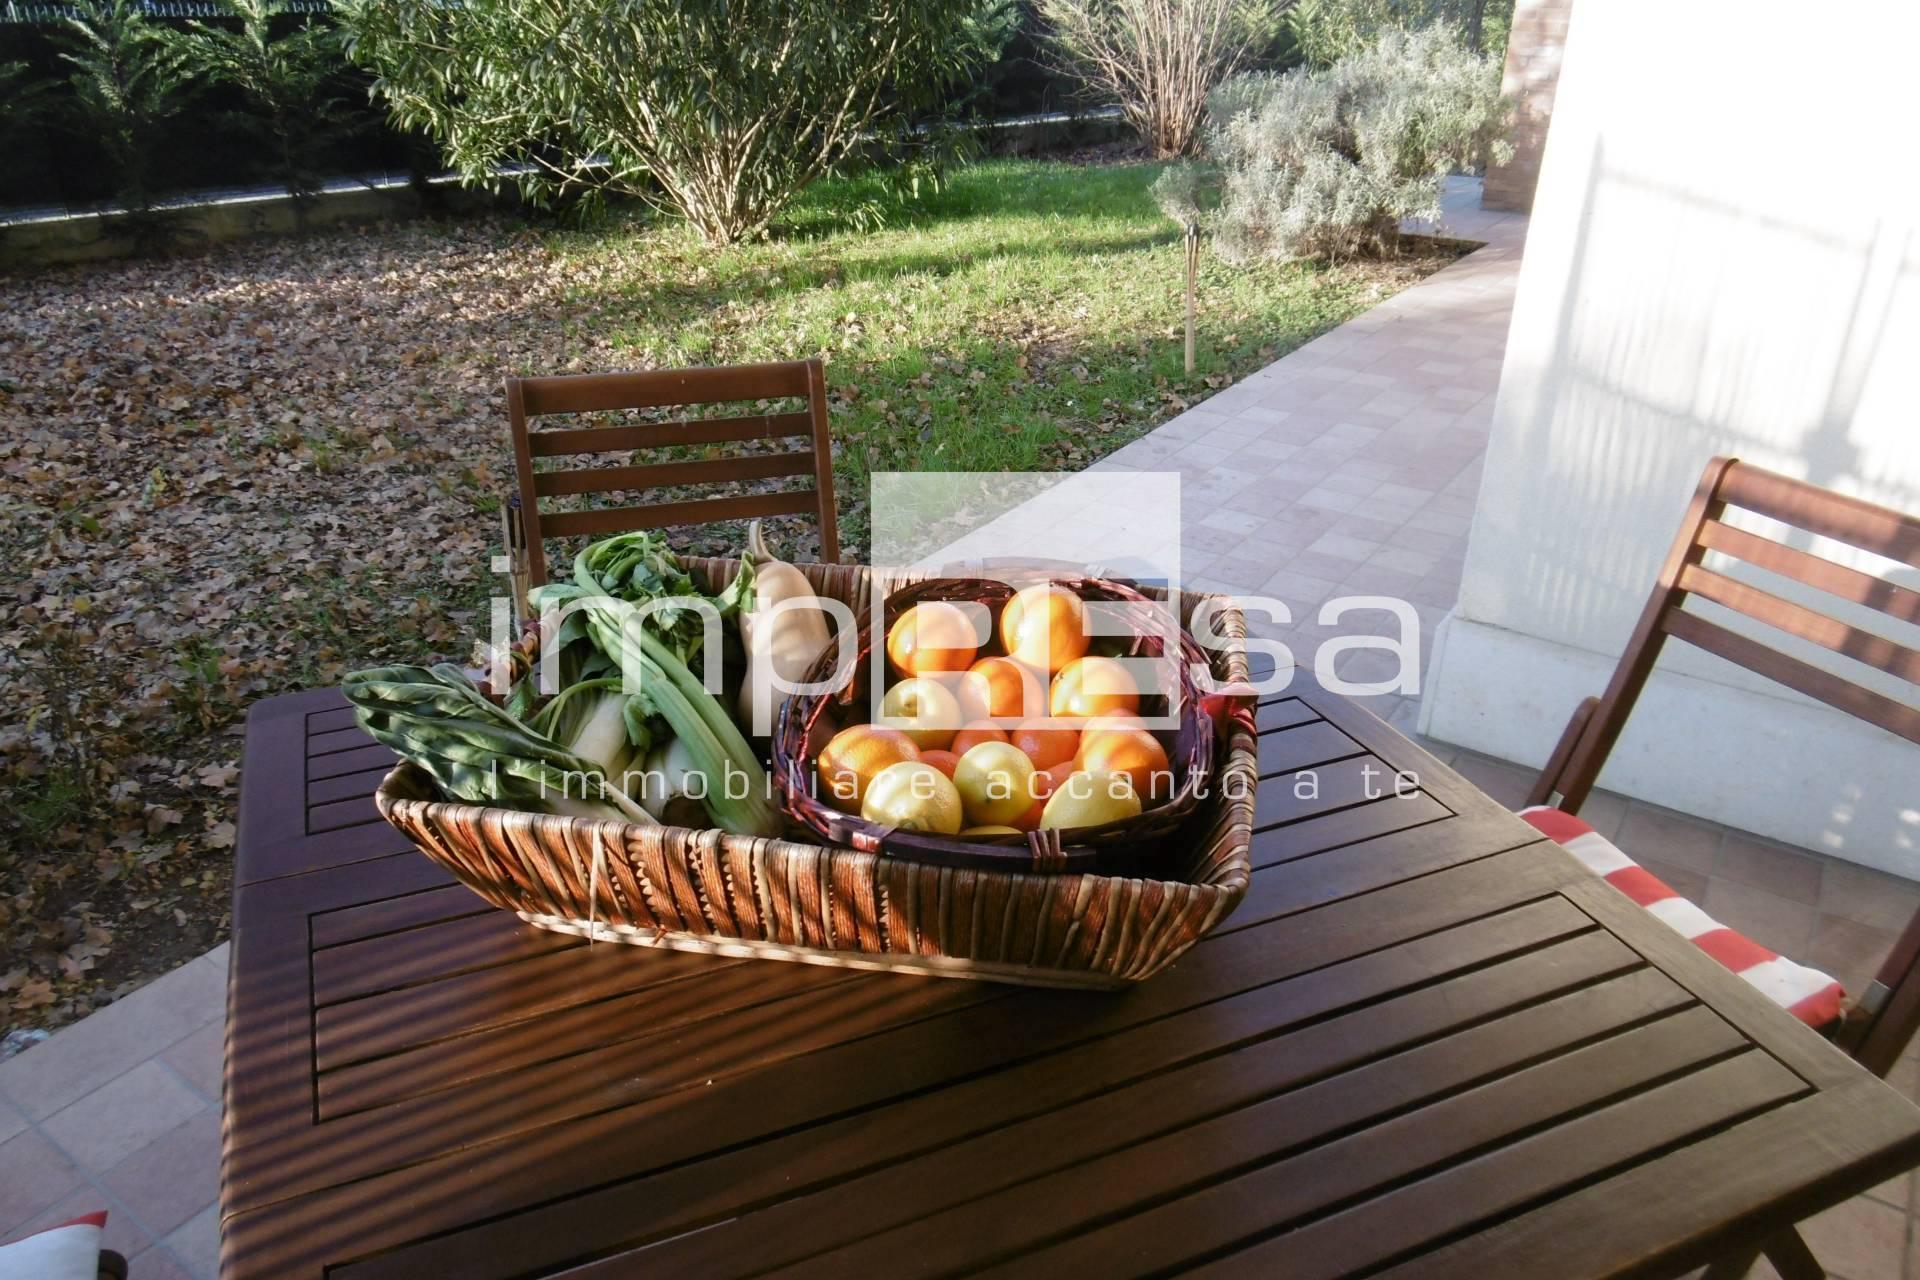 Appartamento in vendita a Treviso, 3 locali, zona Località: S.Angelo/S.MariadelSile, prezzo € 200.000 | PortaleAgenzieImmobiliari.it